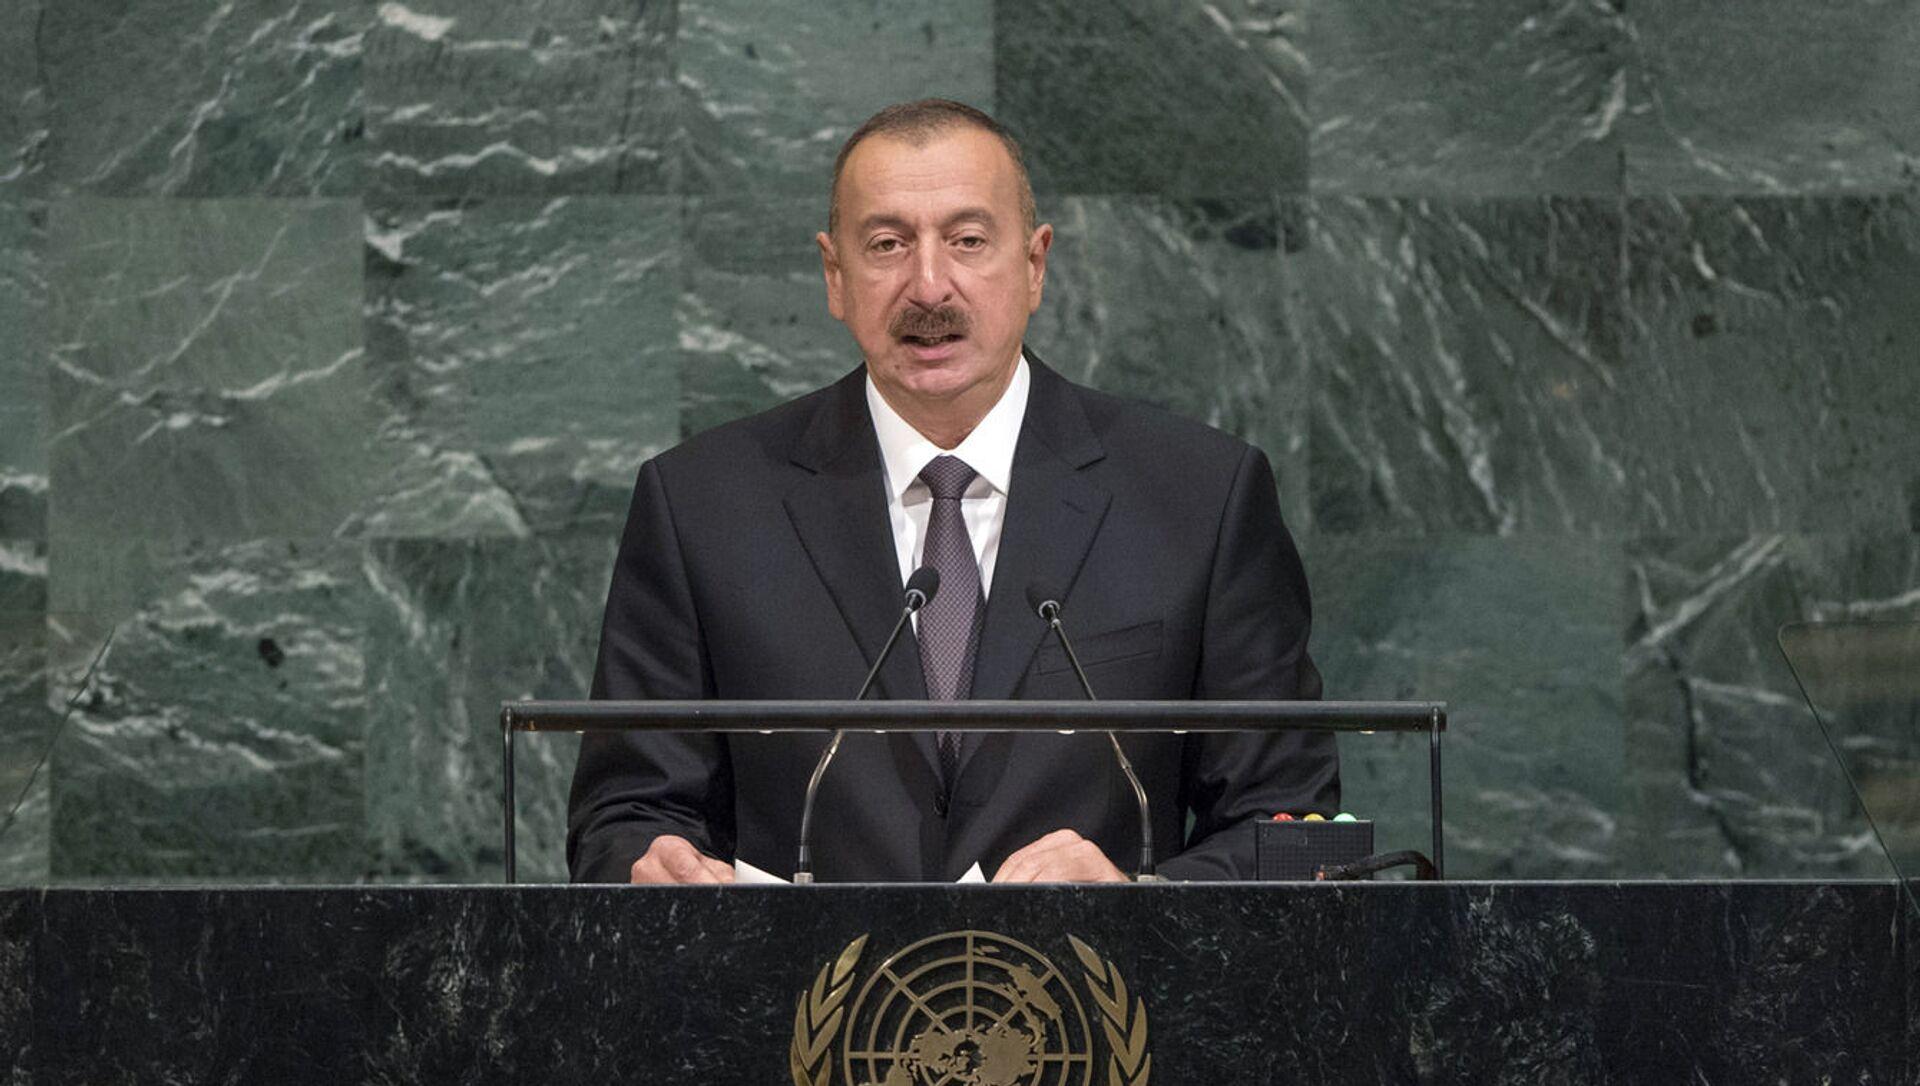 Prezident İlham Əliyev BMT-nin Baş Assambleyasında çıxışı zamanı - Sputnik Azərbaycan, 1920, 22.09.2021